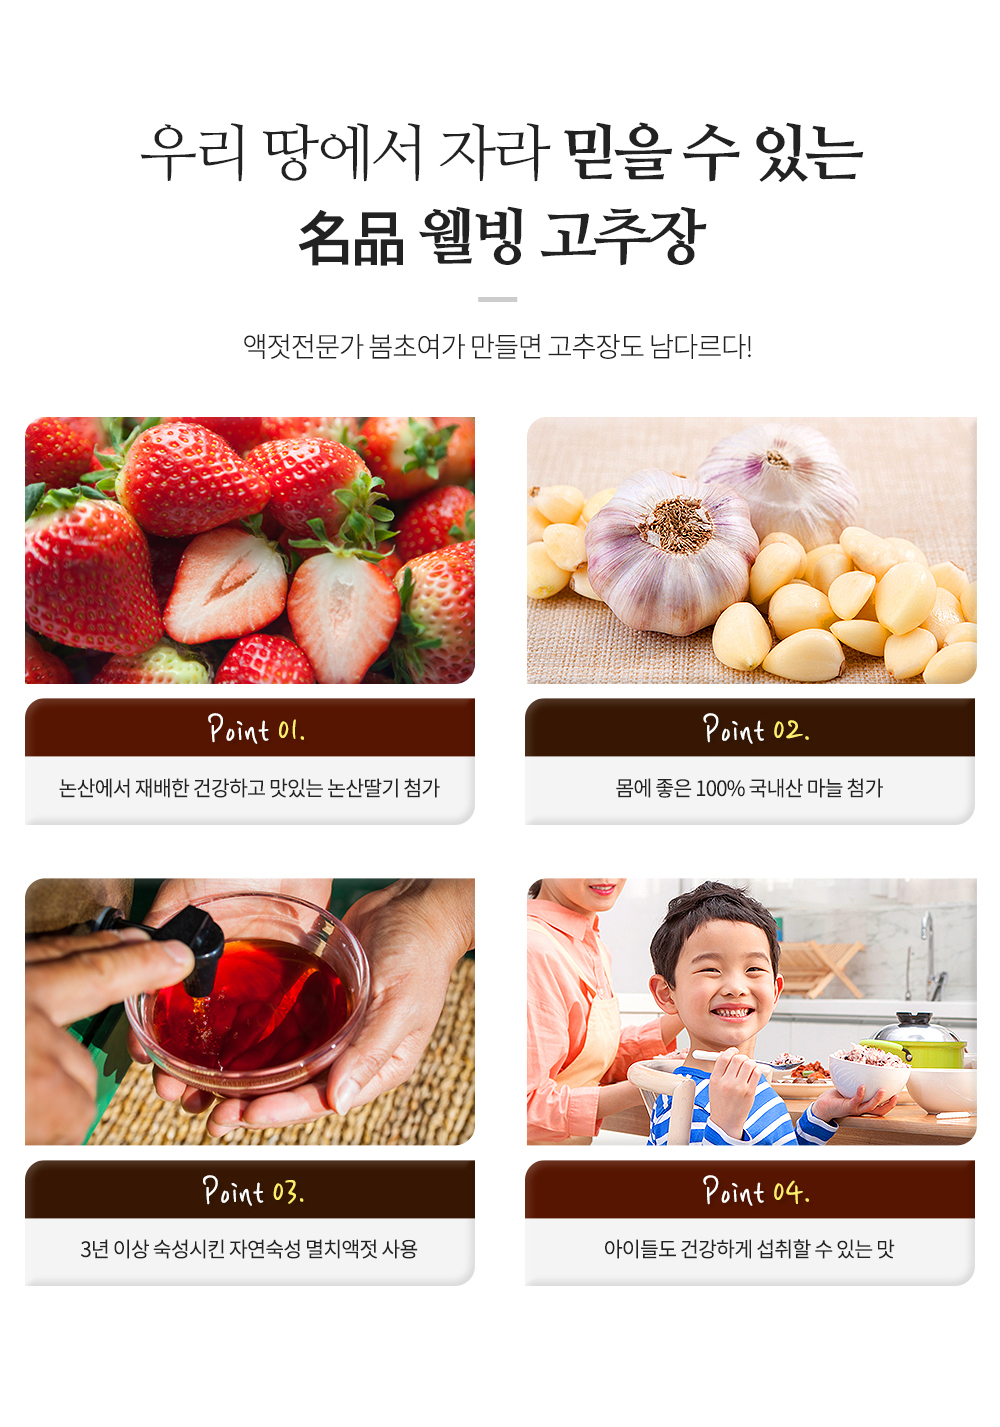 봄초여논산딸기고추장1키로_06.jpg